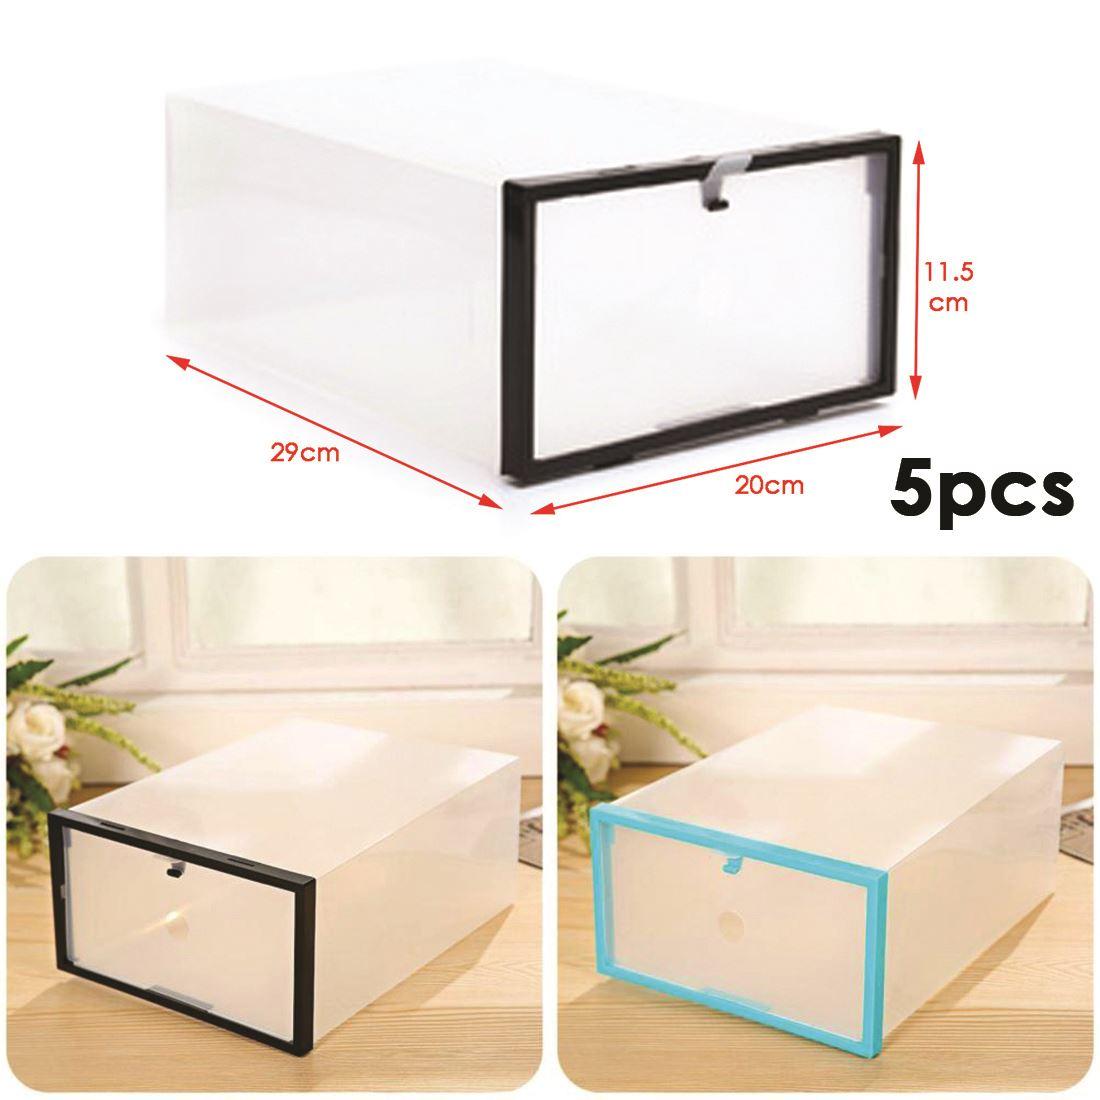 5 Caja Organizador De Zapatos De Pl Stico Transparente Apilable  ~ Cajas Transparentes Para Zapatos